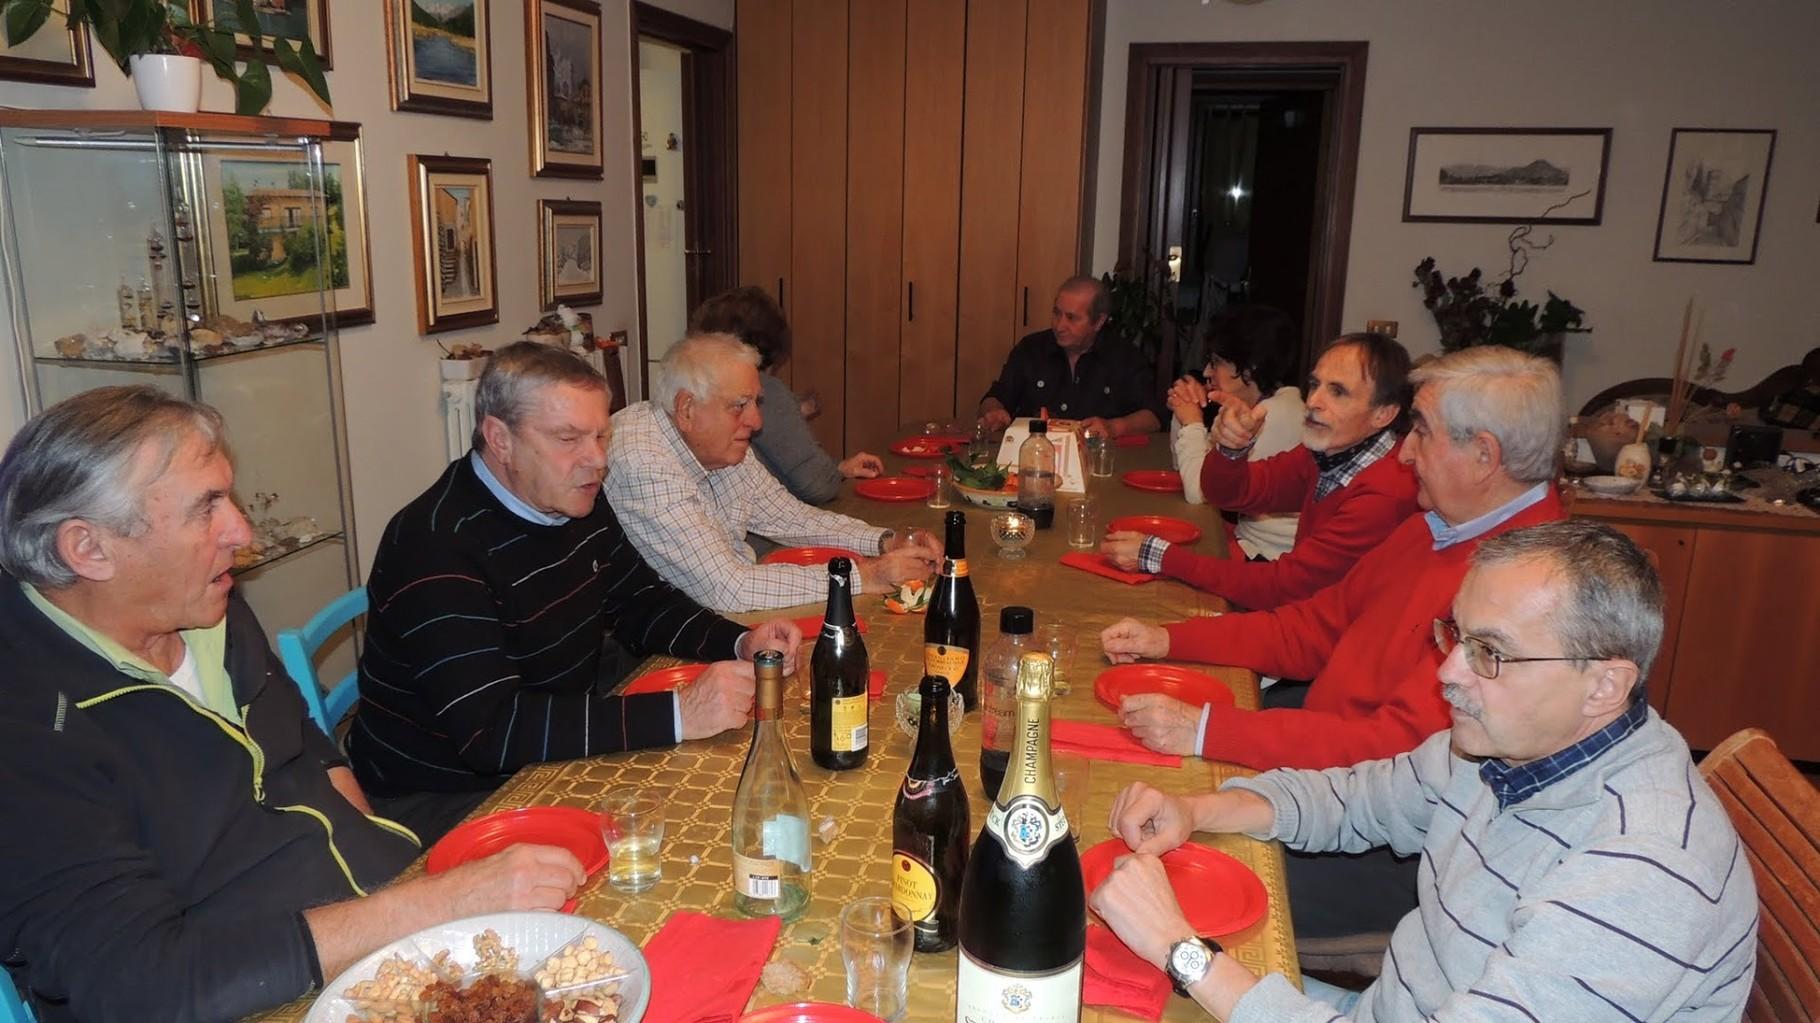 Da sinistra: Piero, Giorgio, Gianni Pizzorni, Norma (semi nascosta) Flavia (la moglie di Giorgio), Carla, Vittorio, Roberto e Gianni baffo